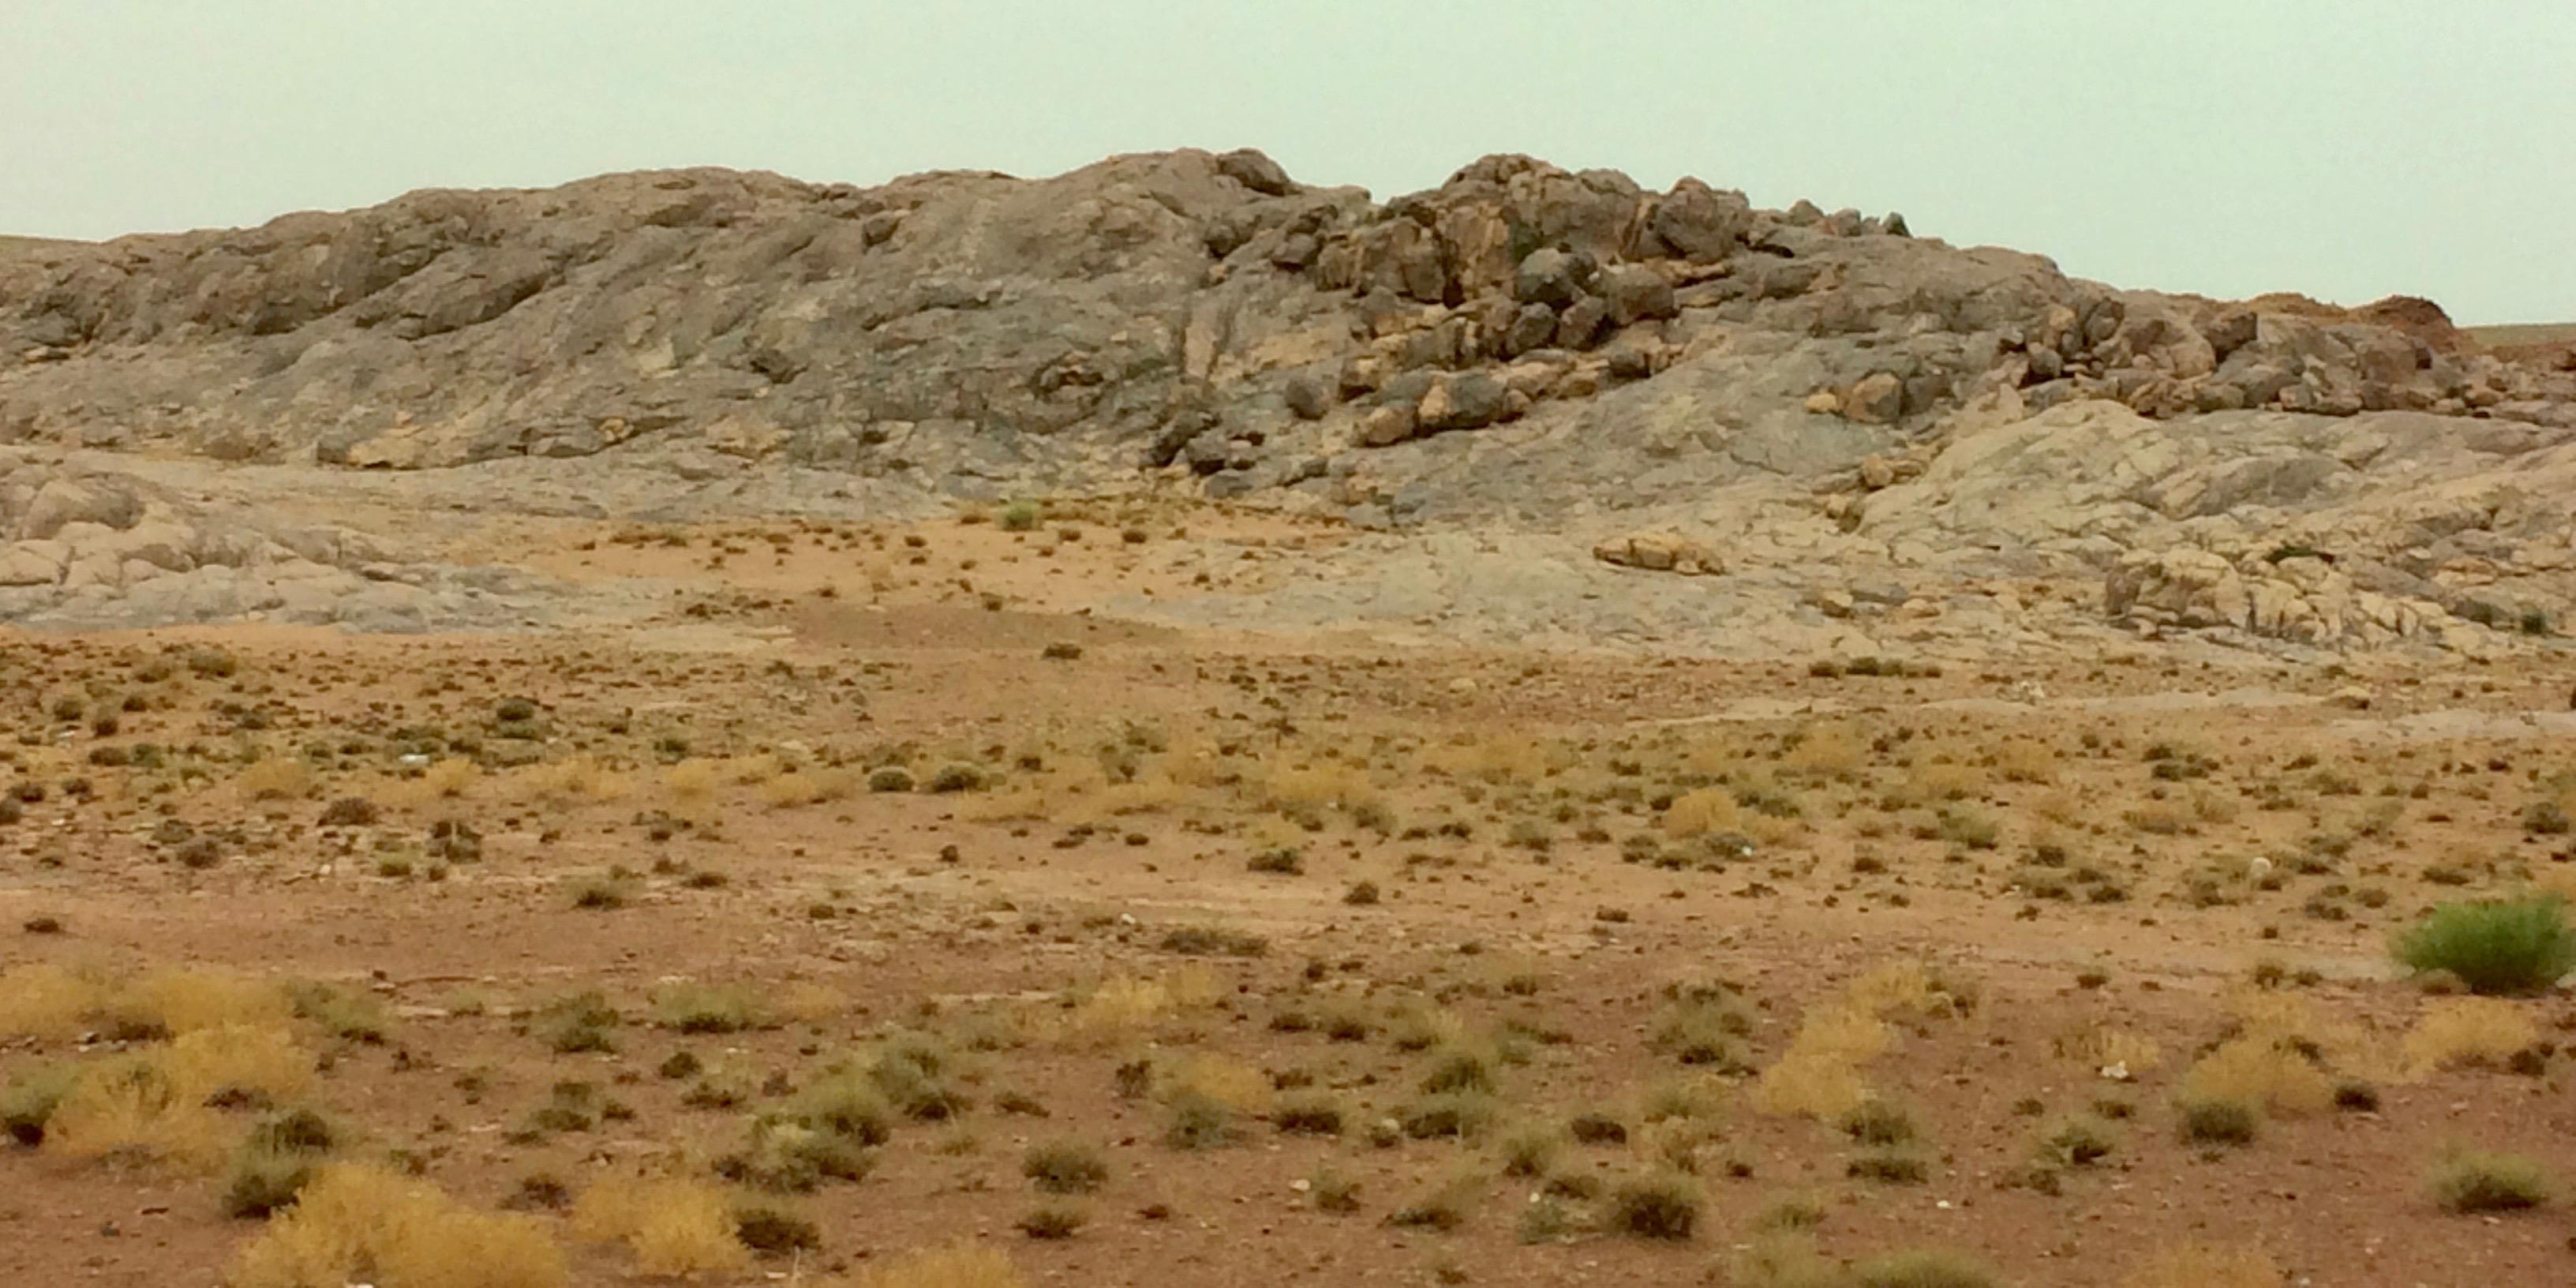 Gravel desert of Middle Atlas